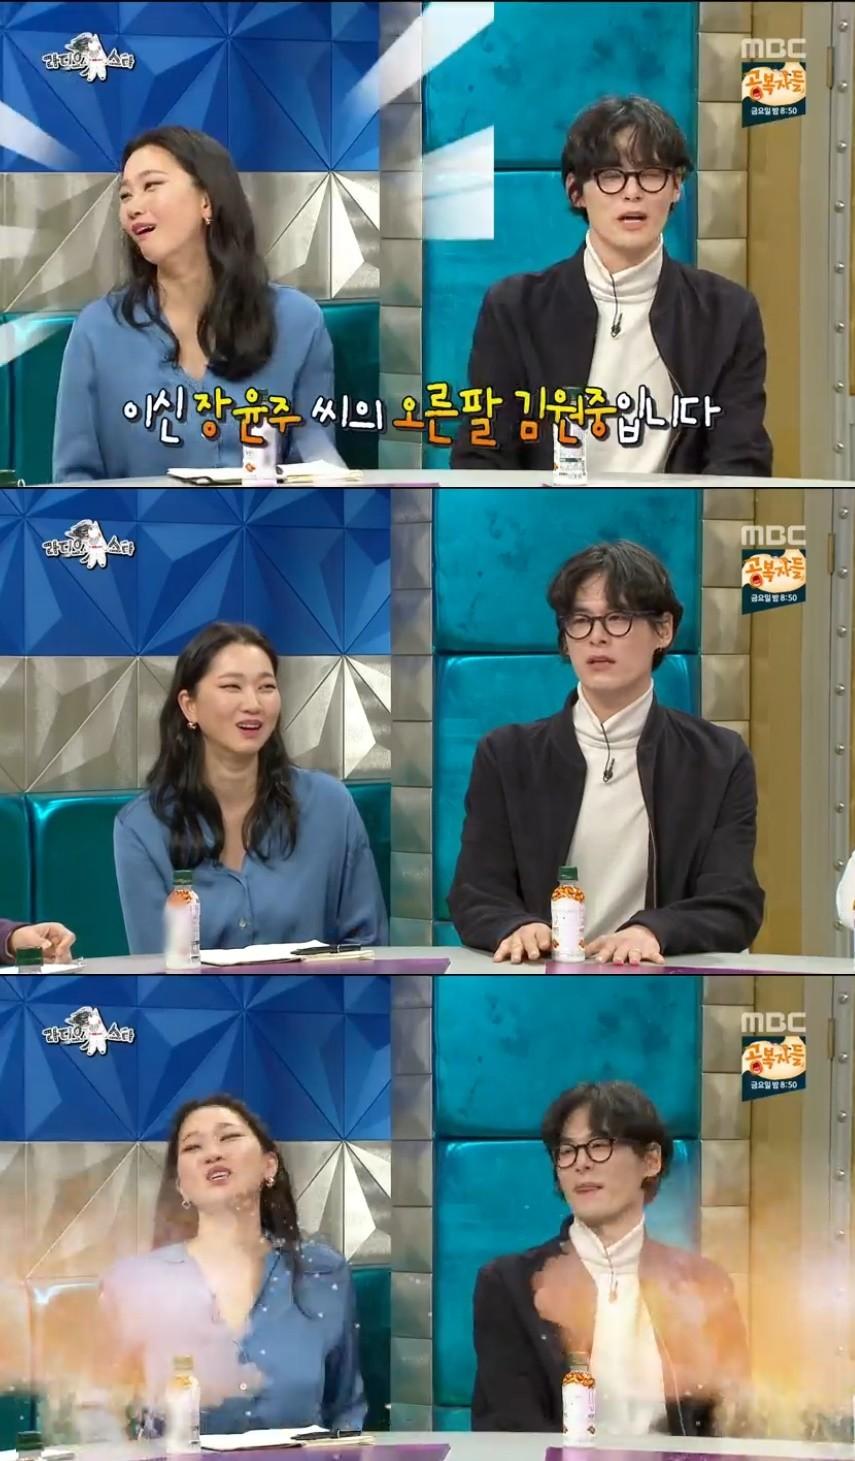 """'라스' 김원중 """"장윤주와 첫 만남, 육감적인 몸매 살로 다 느껴져"""" 19금 입담"""